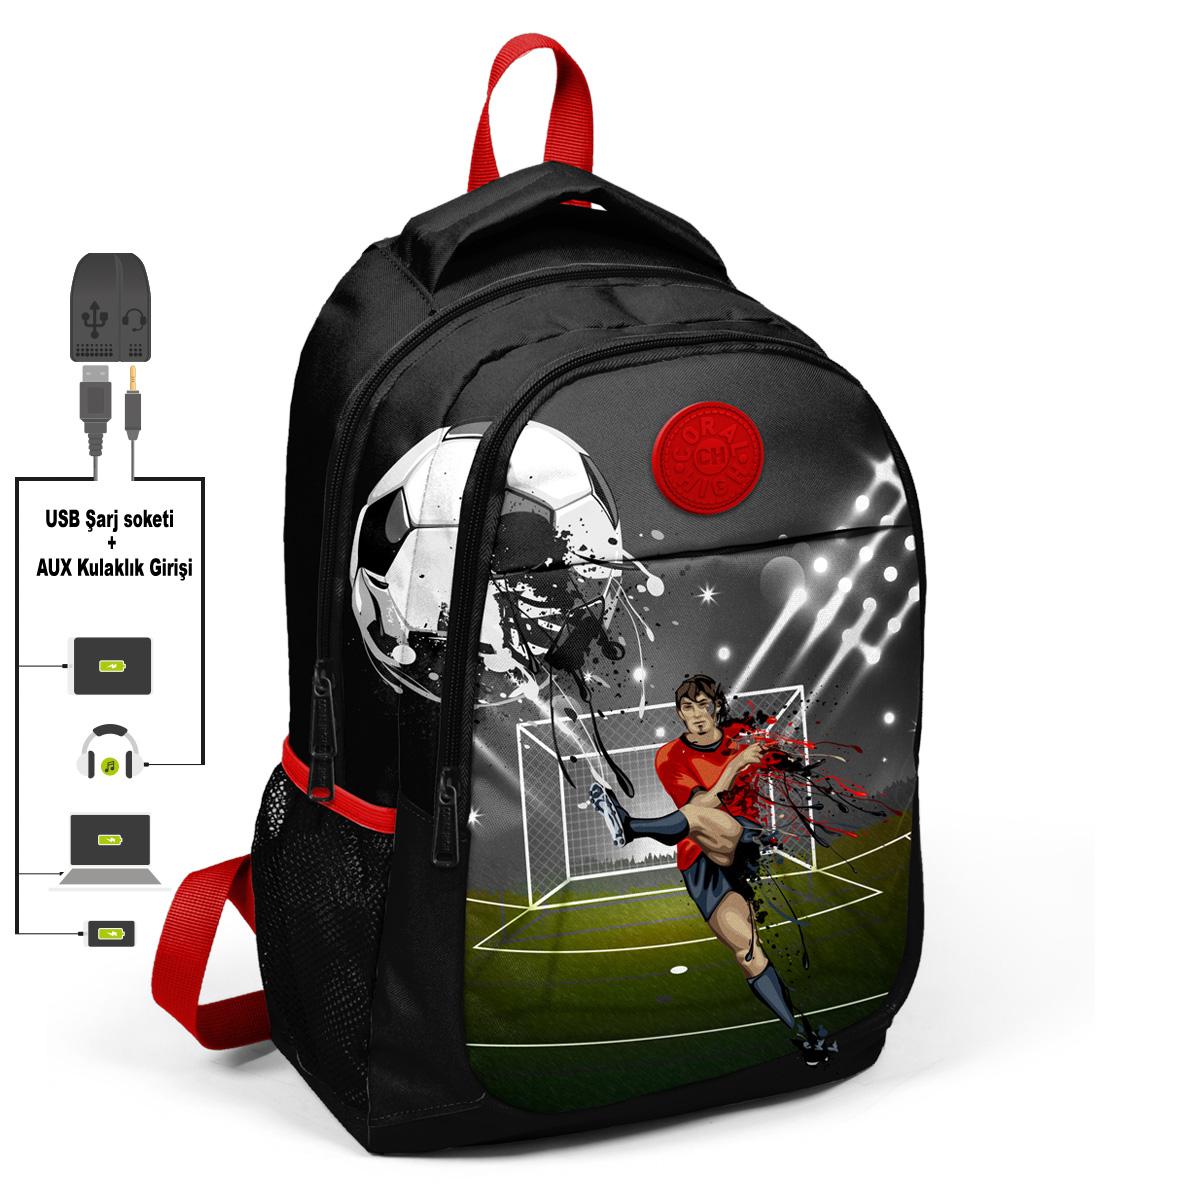 Coral High KIDS - Coral High Kids Siyah Futbollu Üç Bölmeli USB Şarjlı Kulaklık Çıkışlı Sırt Çantası